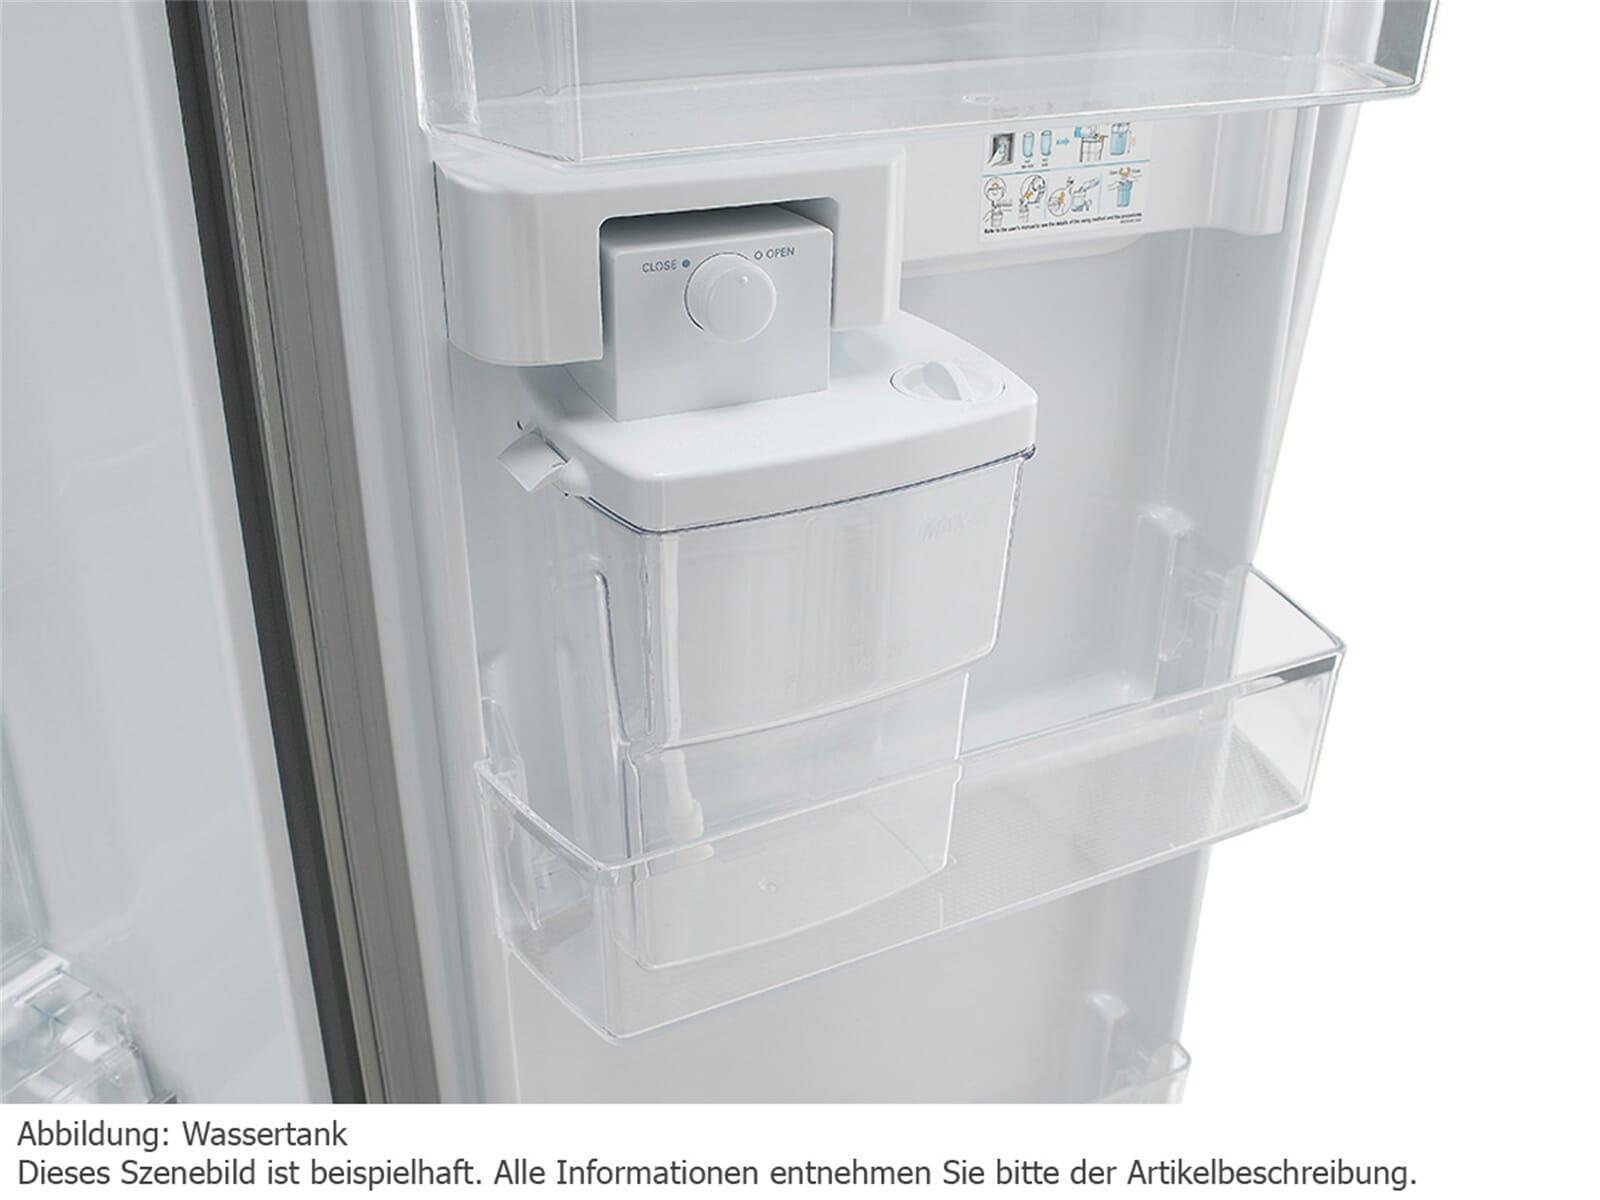 Side By Side Khlschrank Mit Wassertank Excellent Gorenje